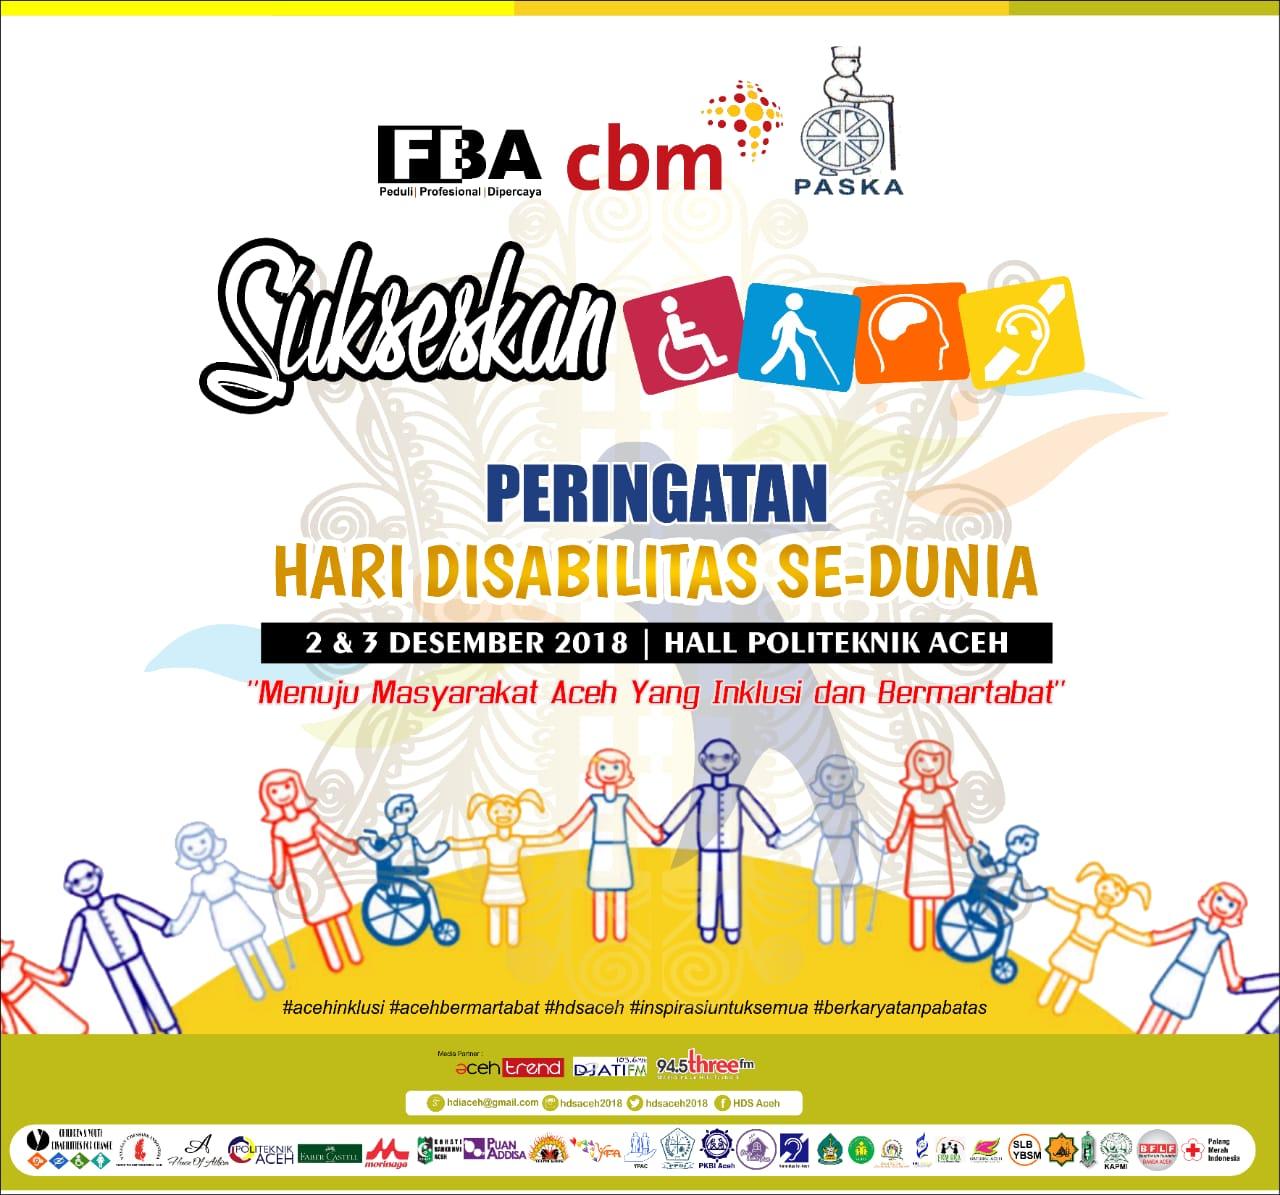 Hari Disabilitas Se-Dunia di Aceh